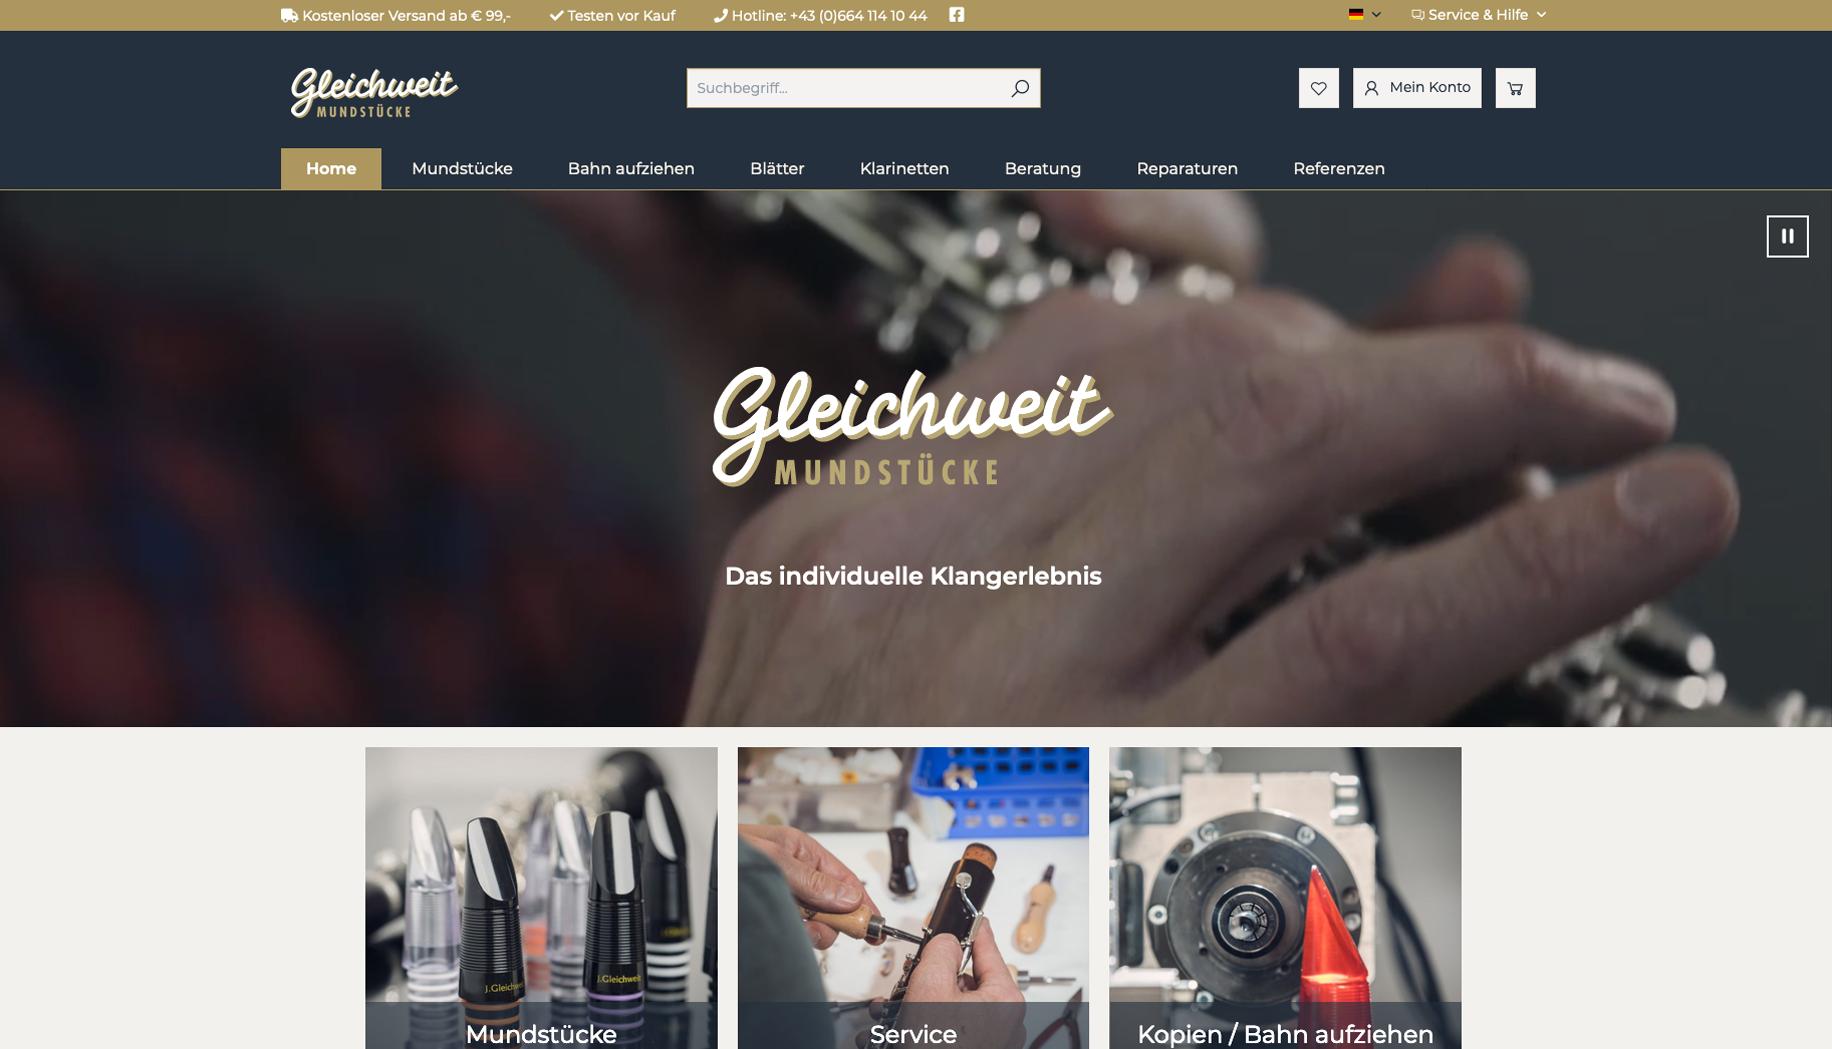 Online Shop für Gleichweit Mundstücke